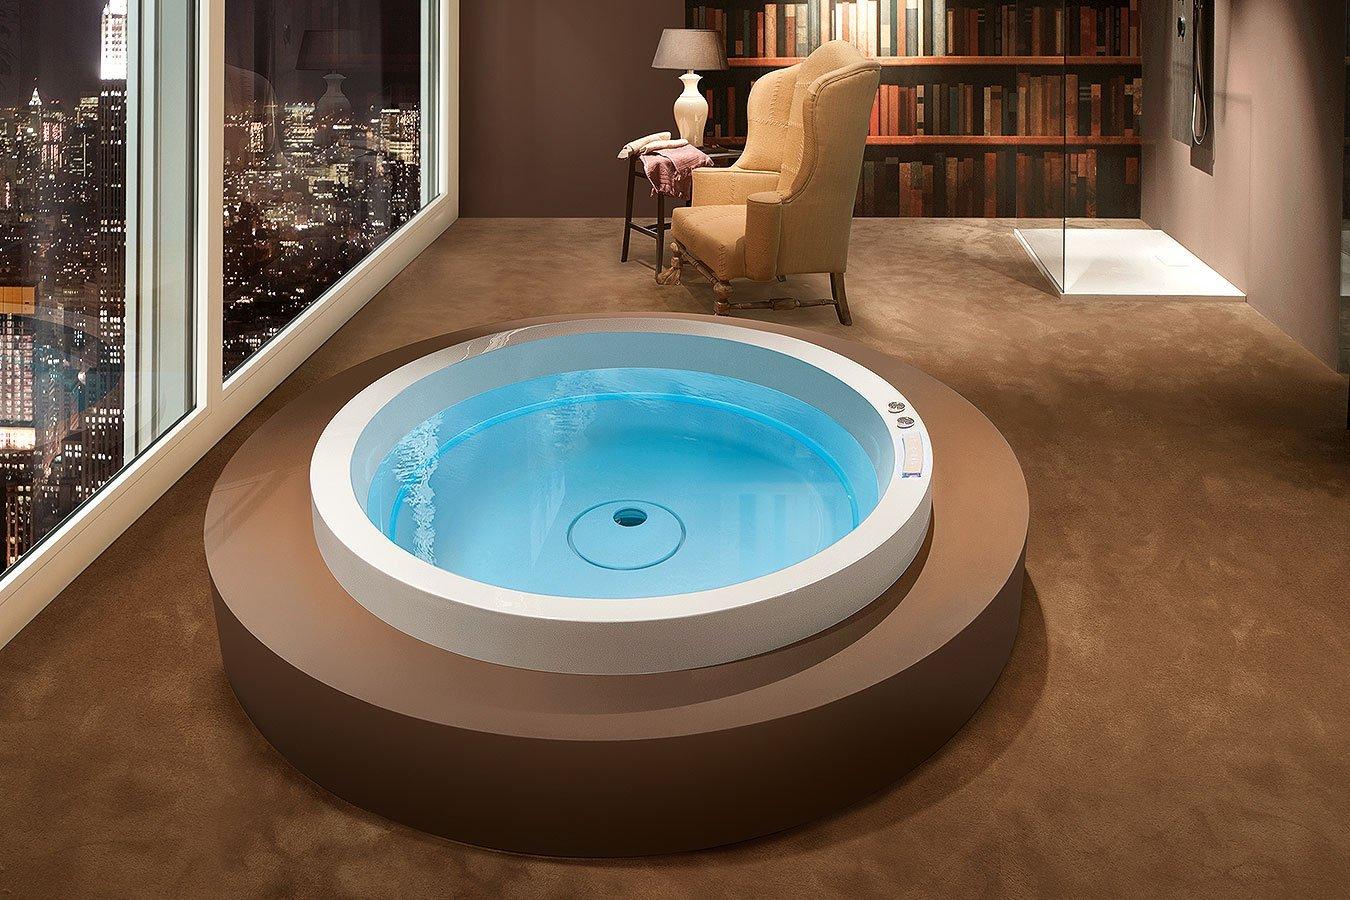 Bagno accessori, arredamento e mobili - Cose di Casa